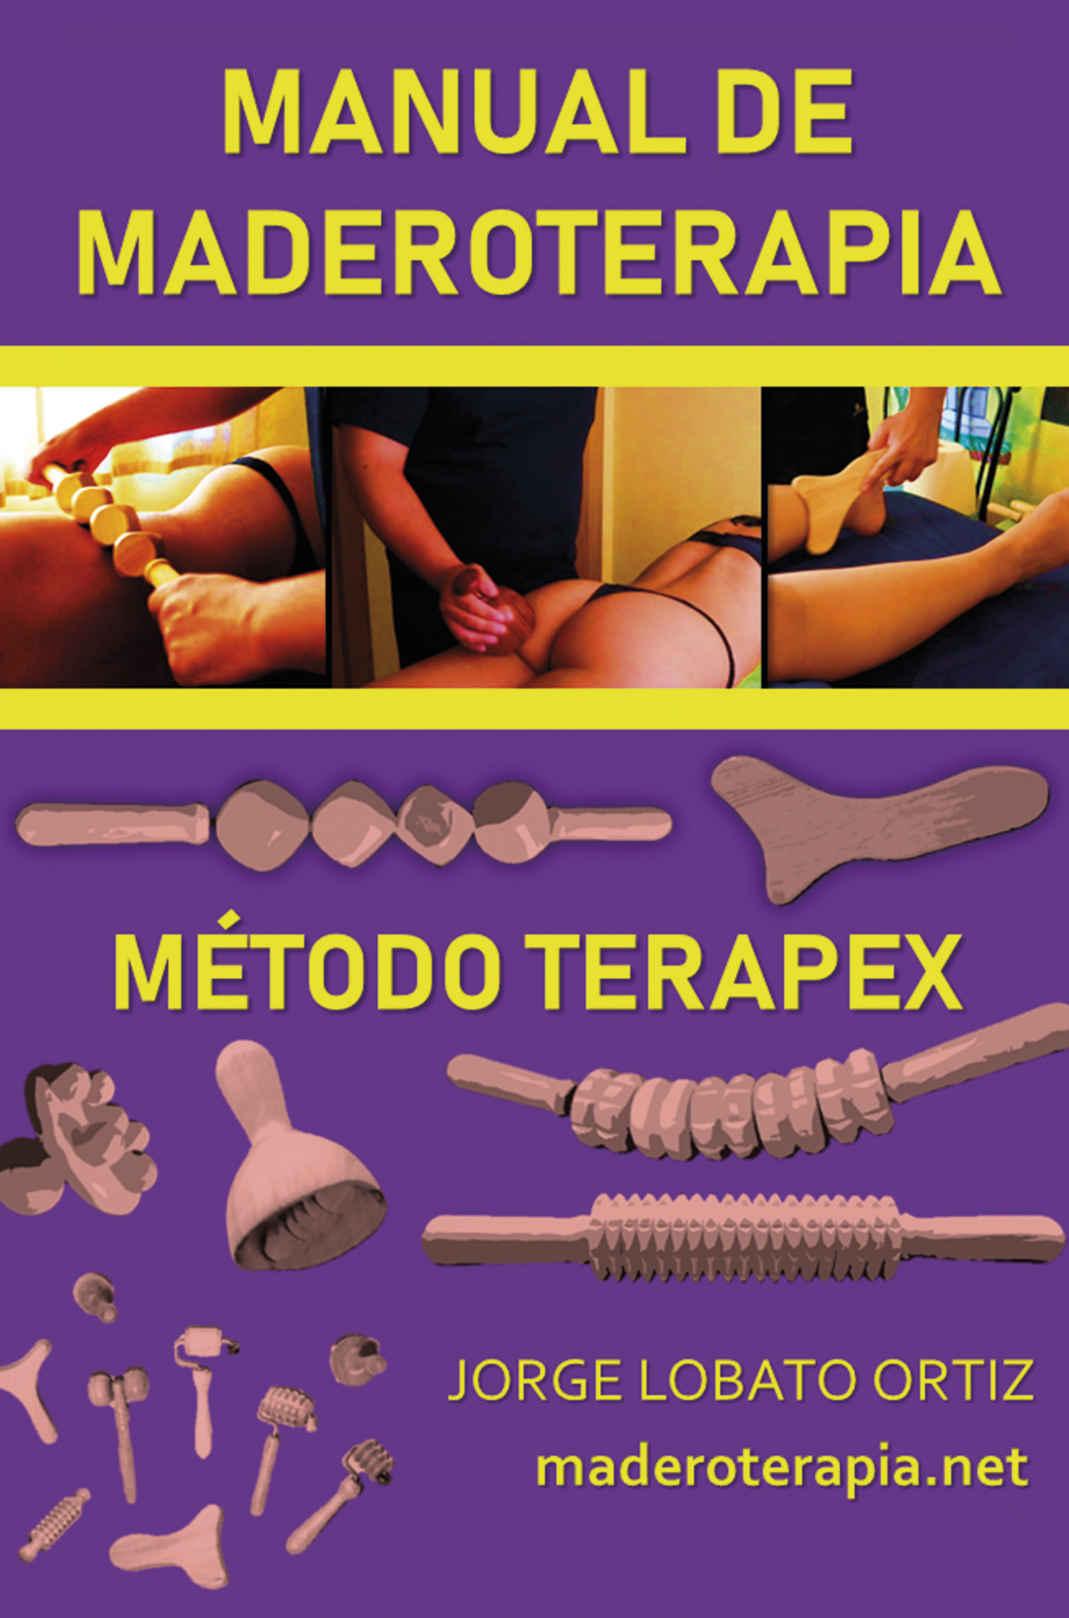 Manual de maderoterapia. Método Terapex